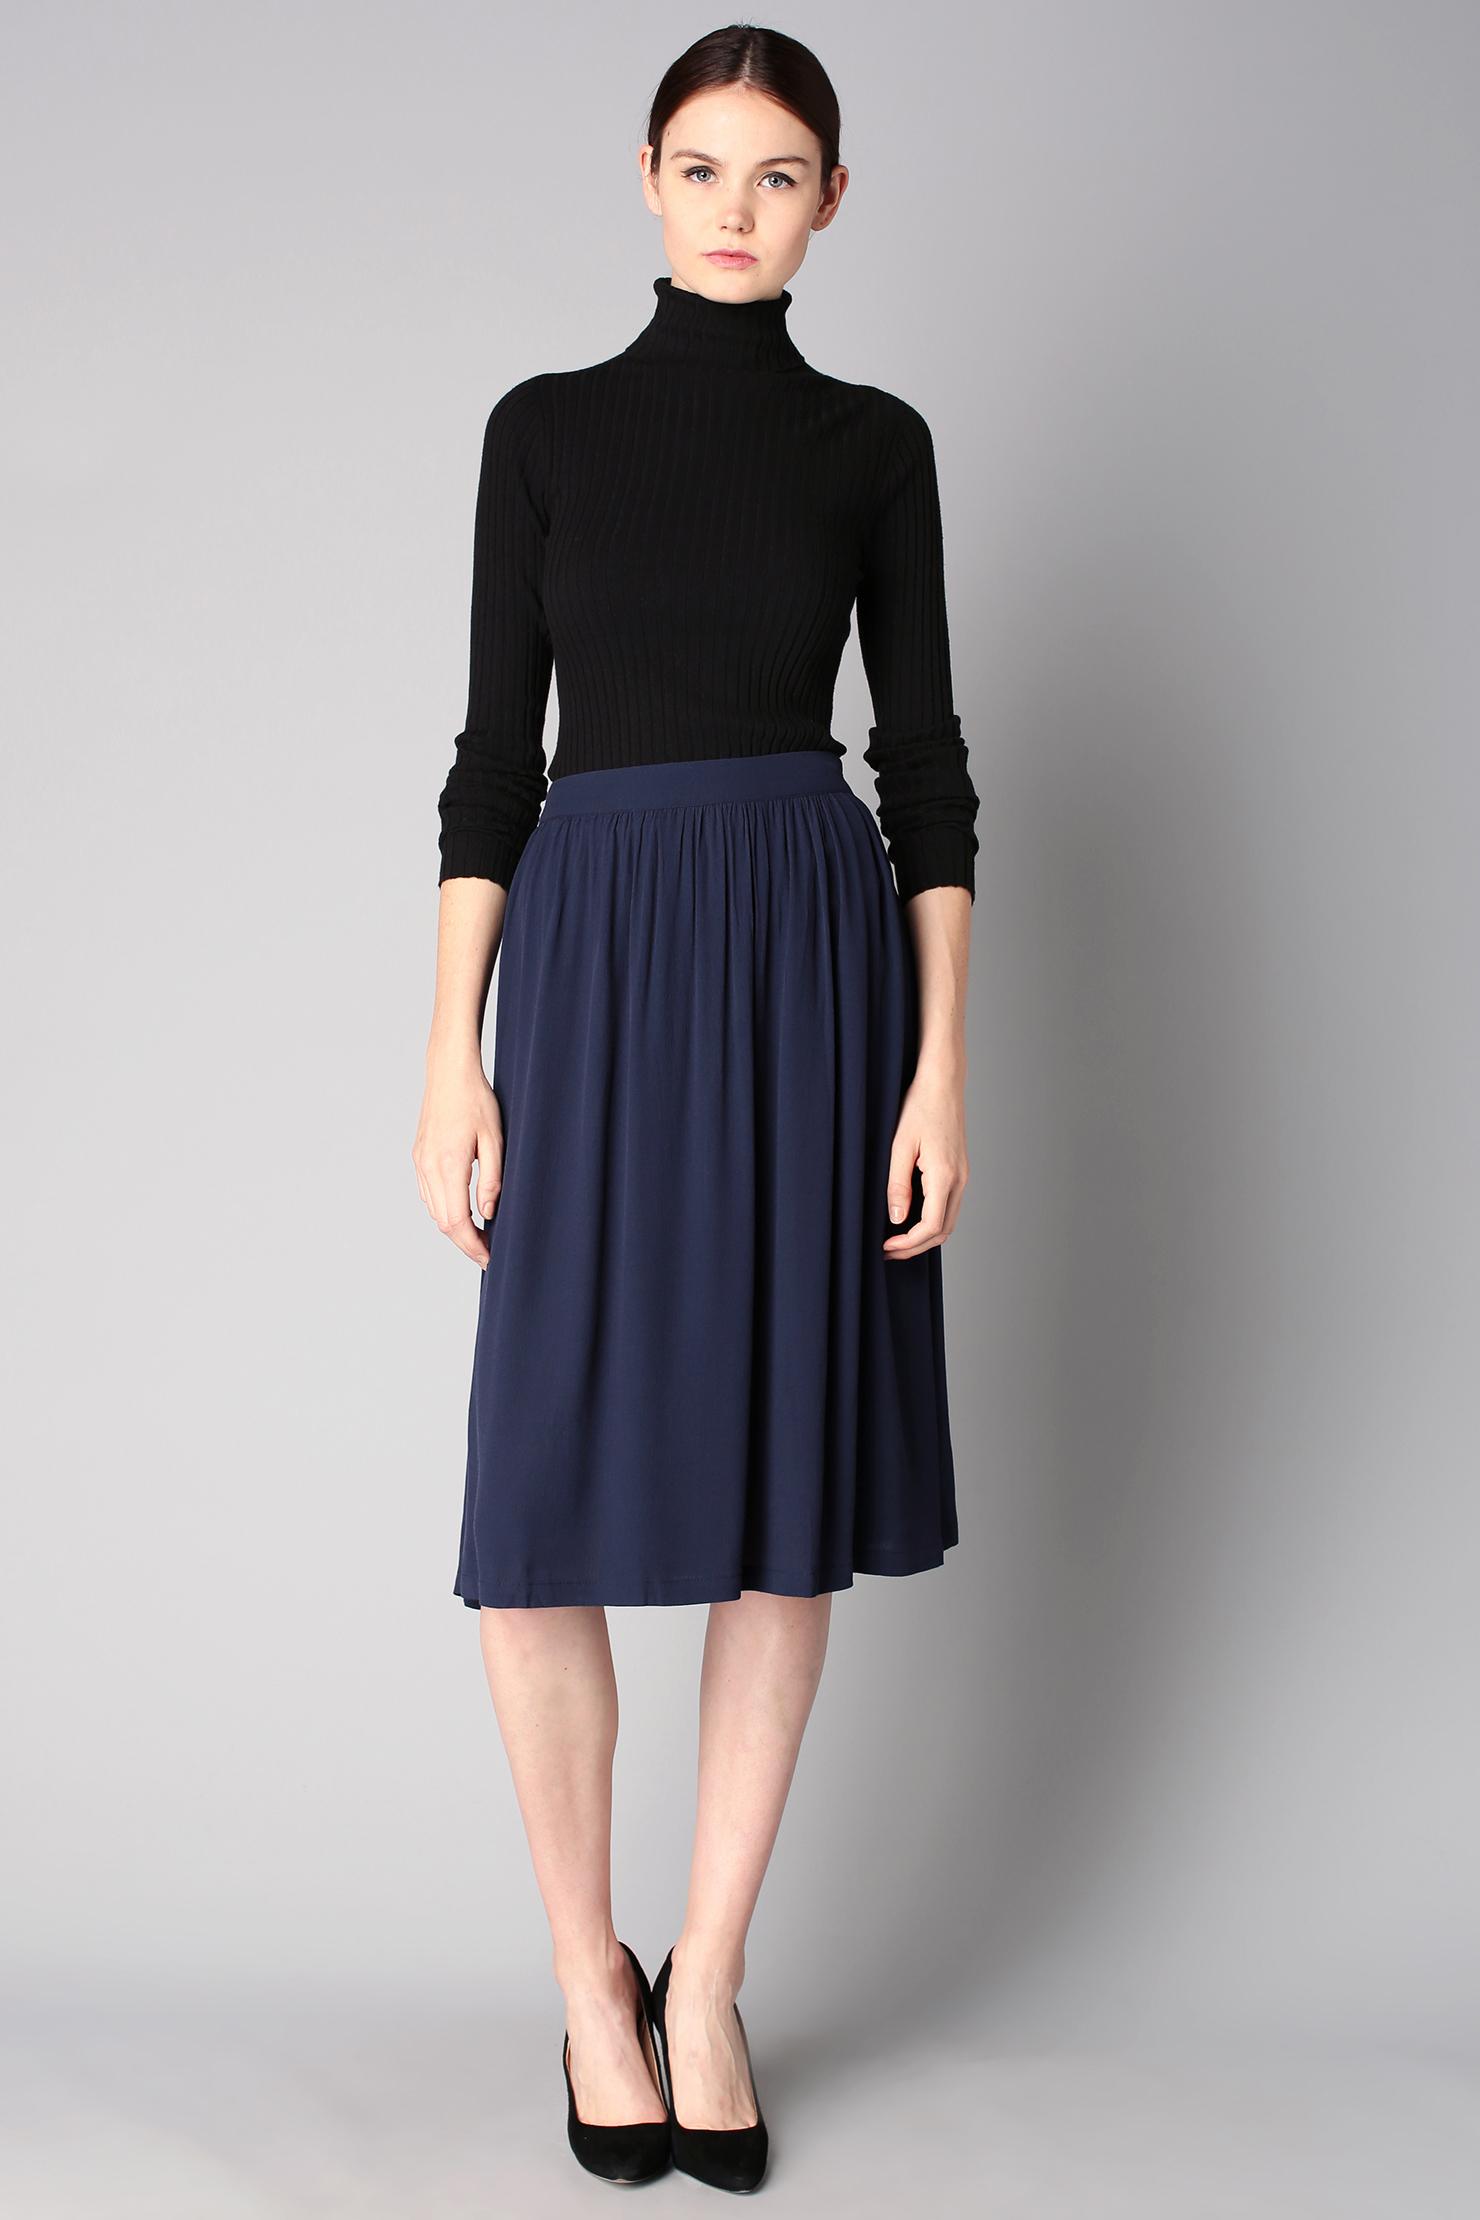 44df64646e80 Jupe mi longue noire jupe rouge courte